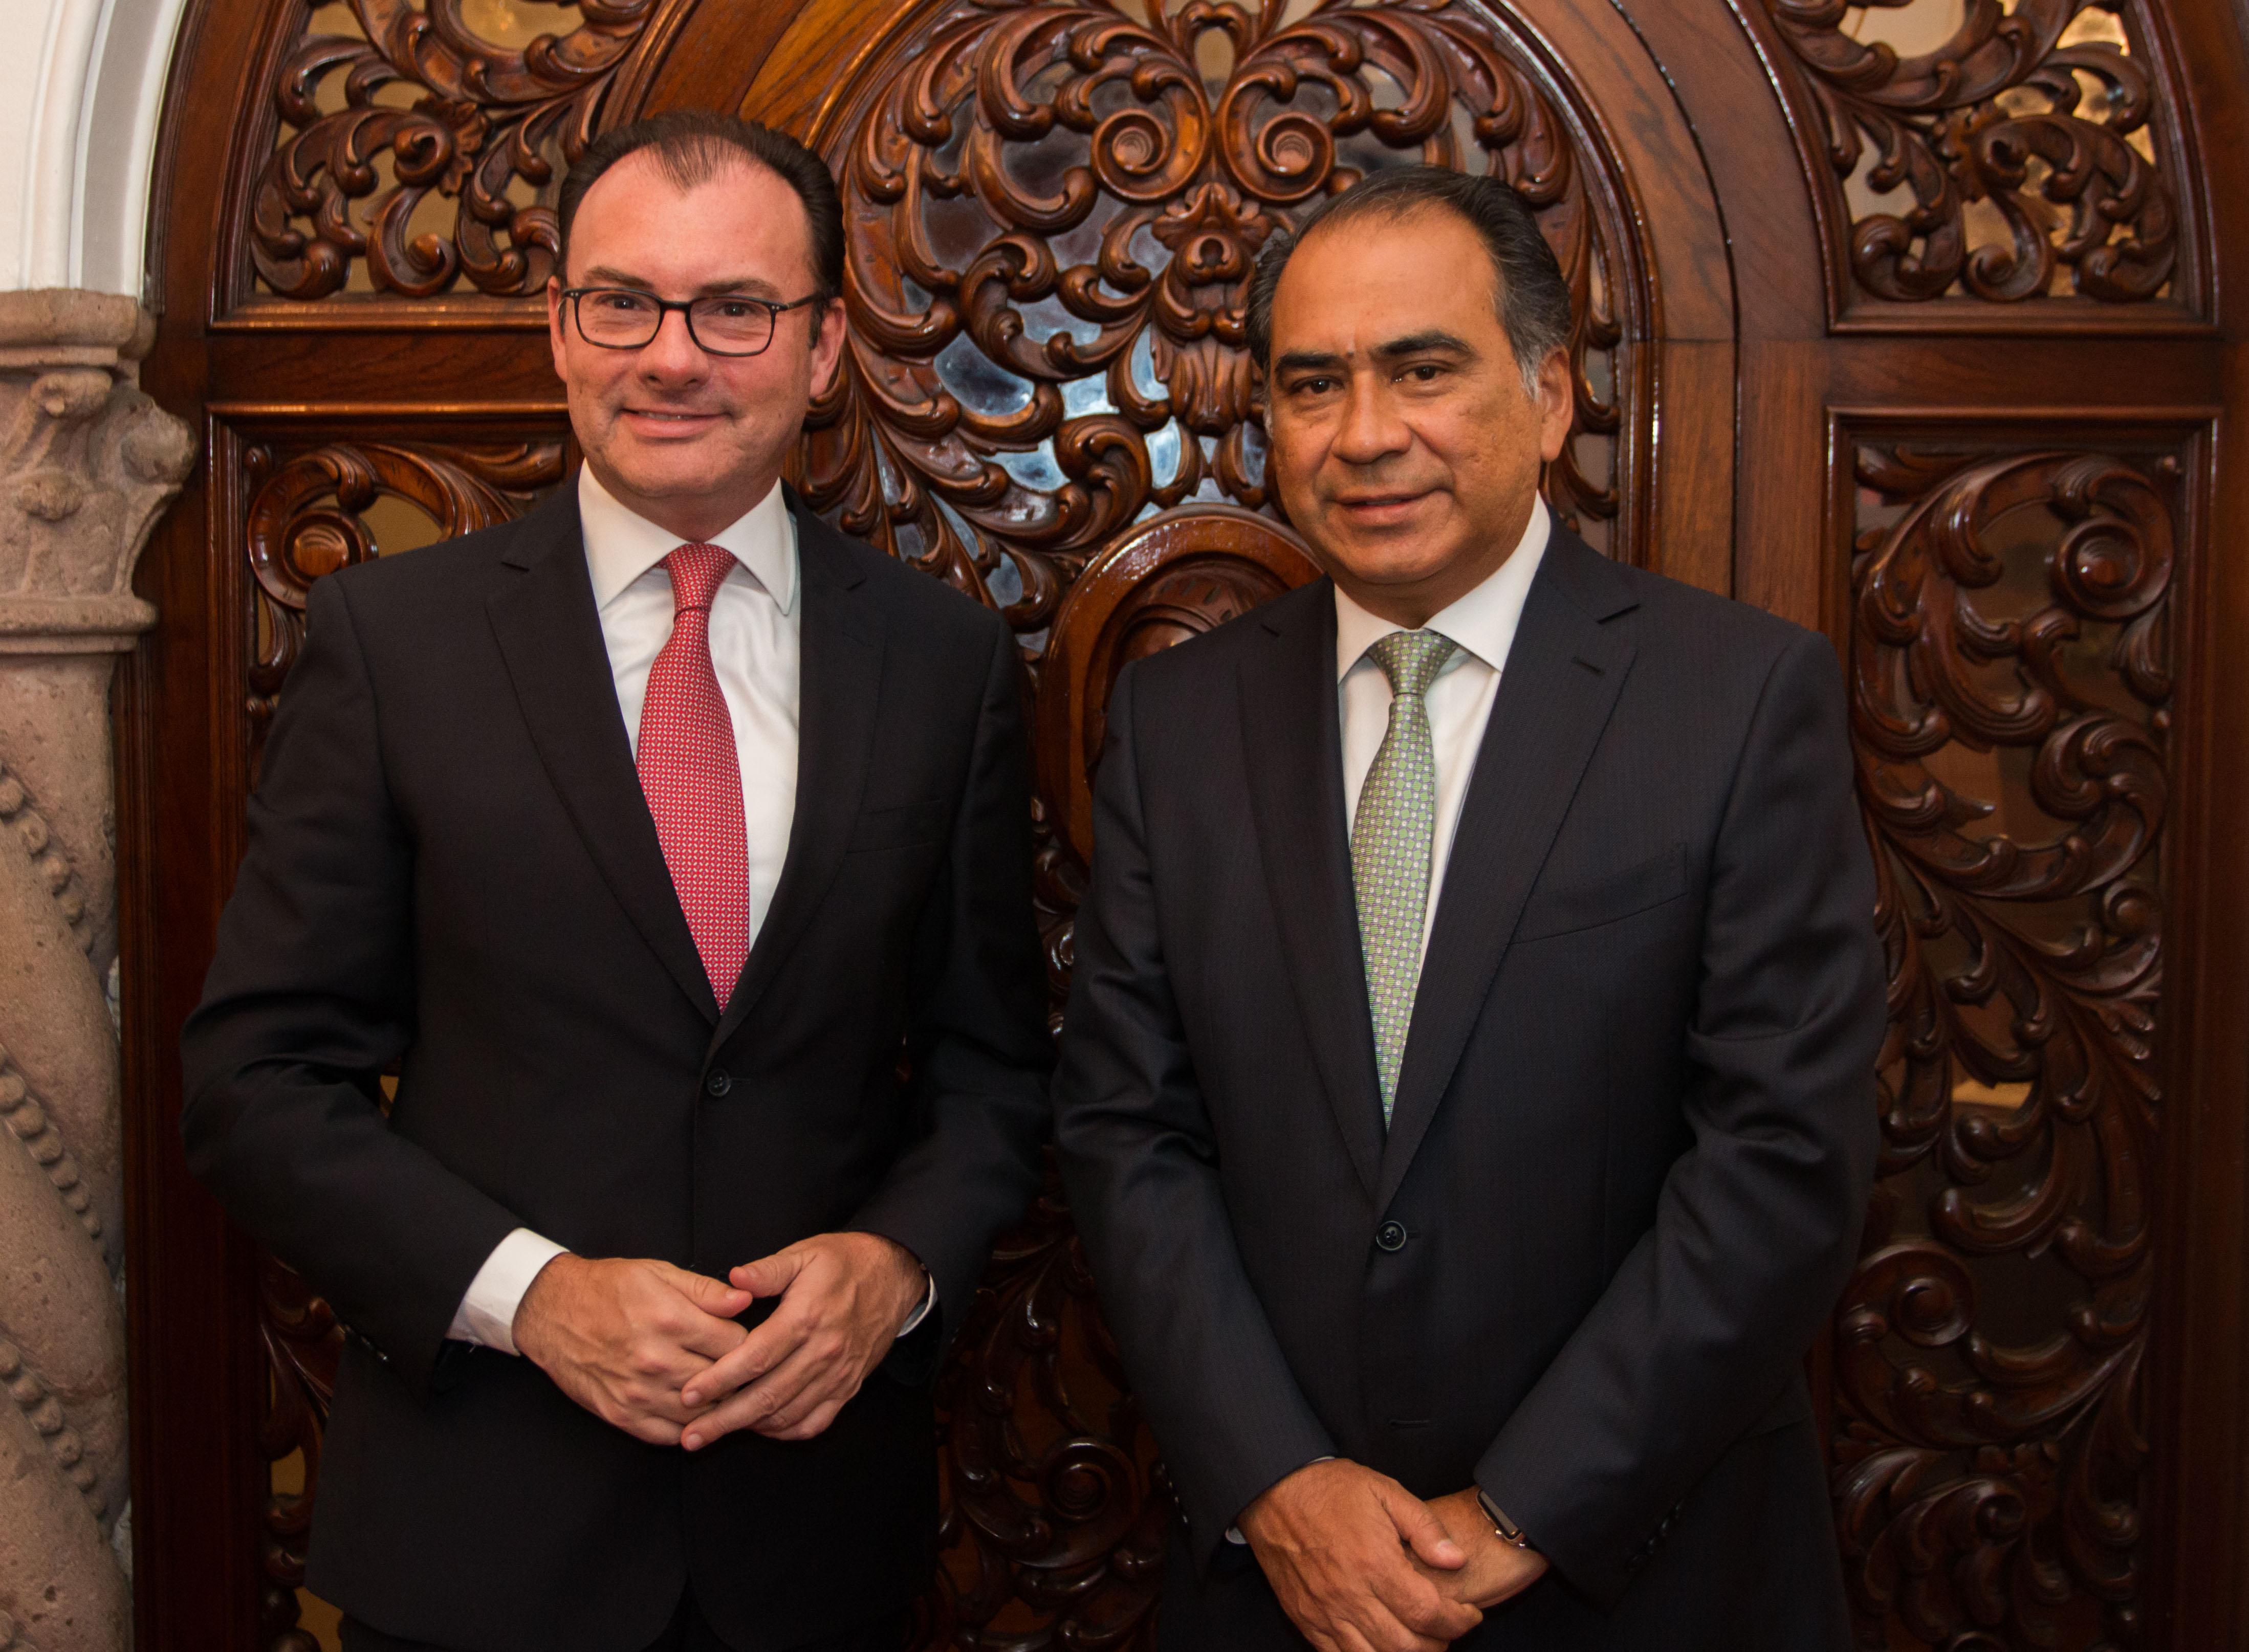 El Secretario de Hacienda, Luis Videgaray, con el Gobernador electo de Guerrero, Héctor Astudillo